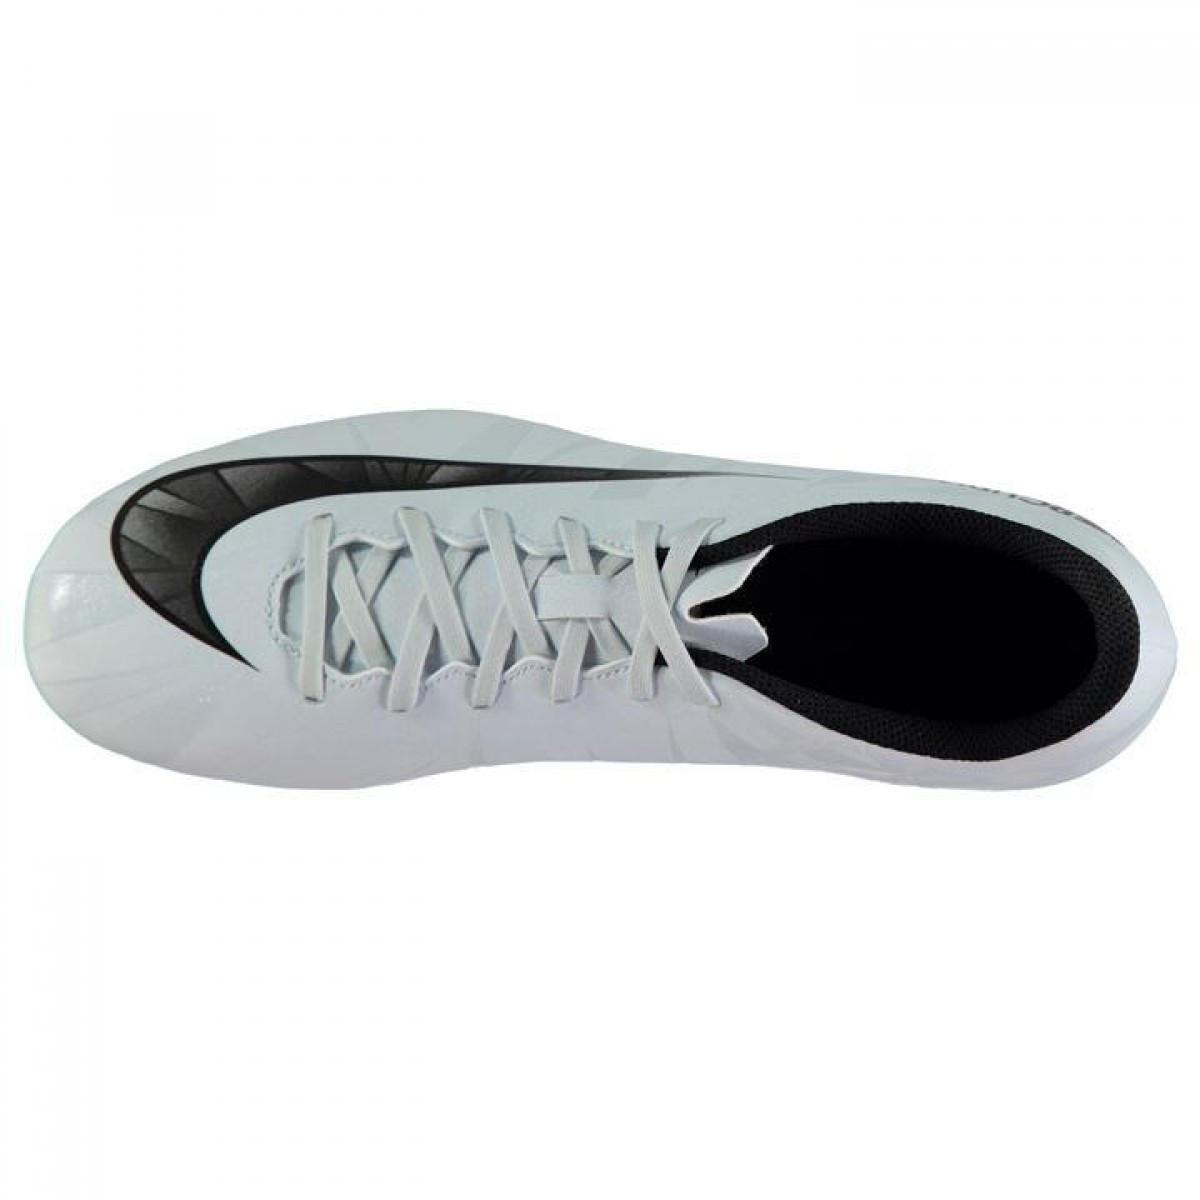 a83b5df6 ... Бутсы Nike Mercurial Vortex CR7 FG Football Blue/Black - Оригинал, ...